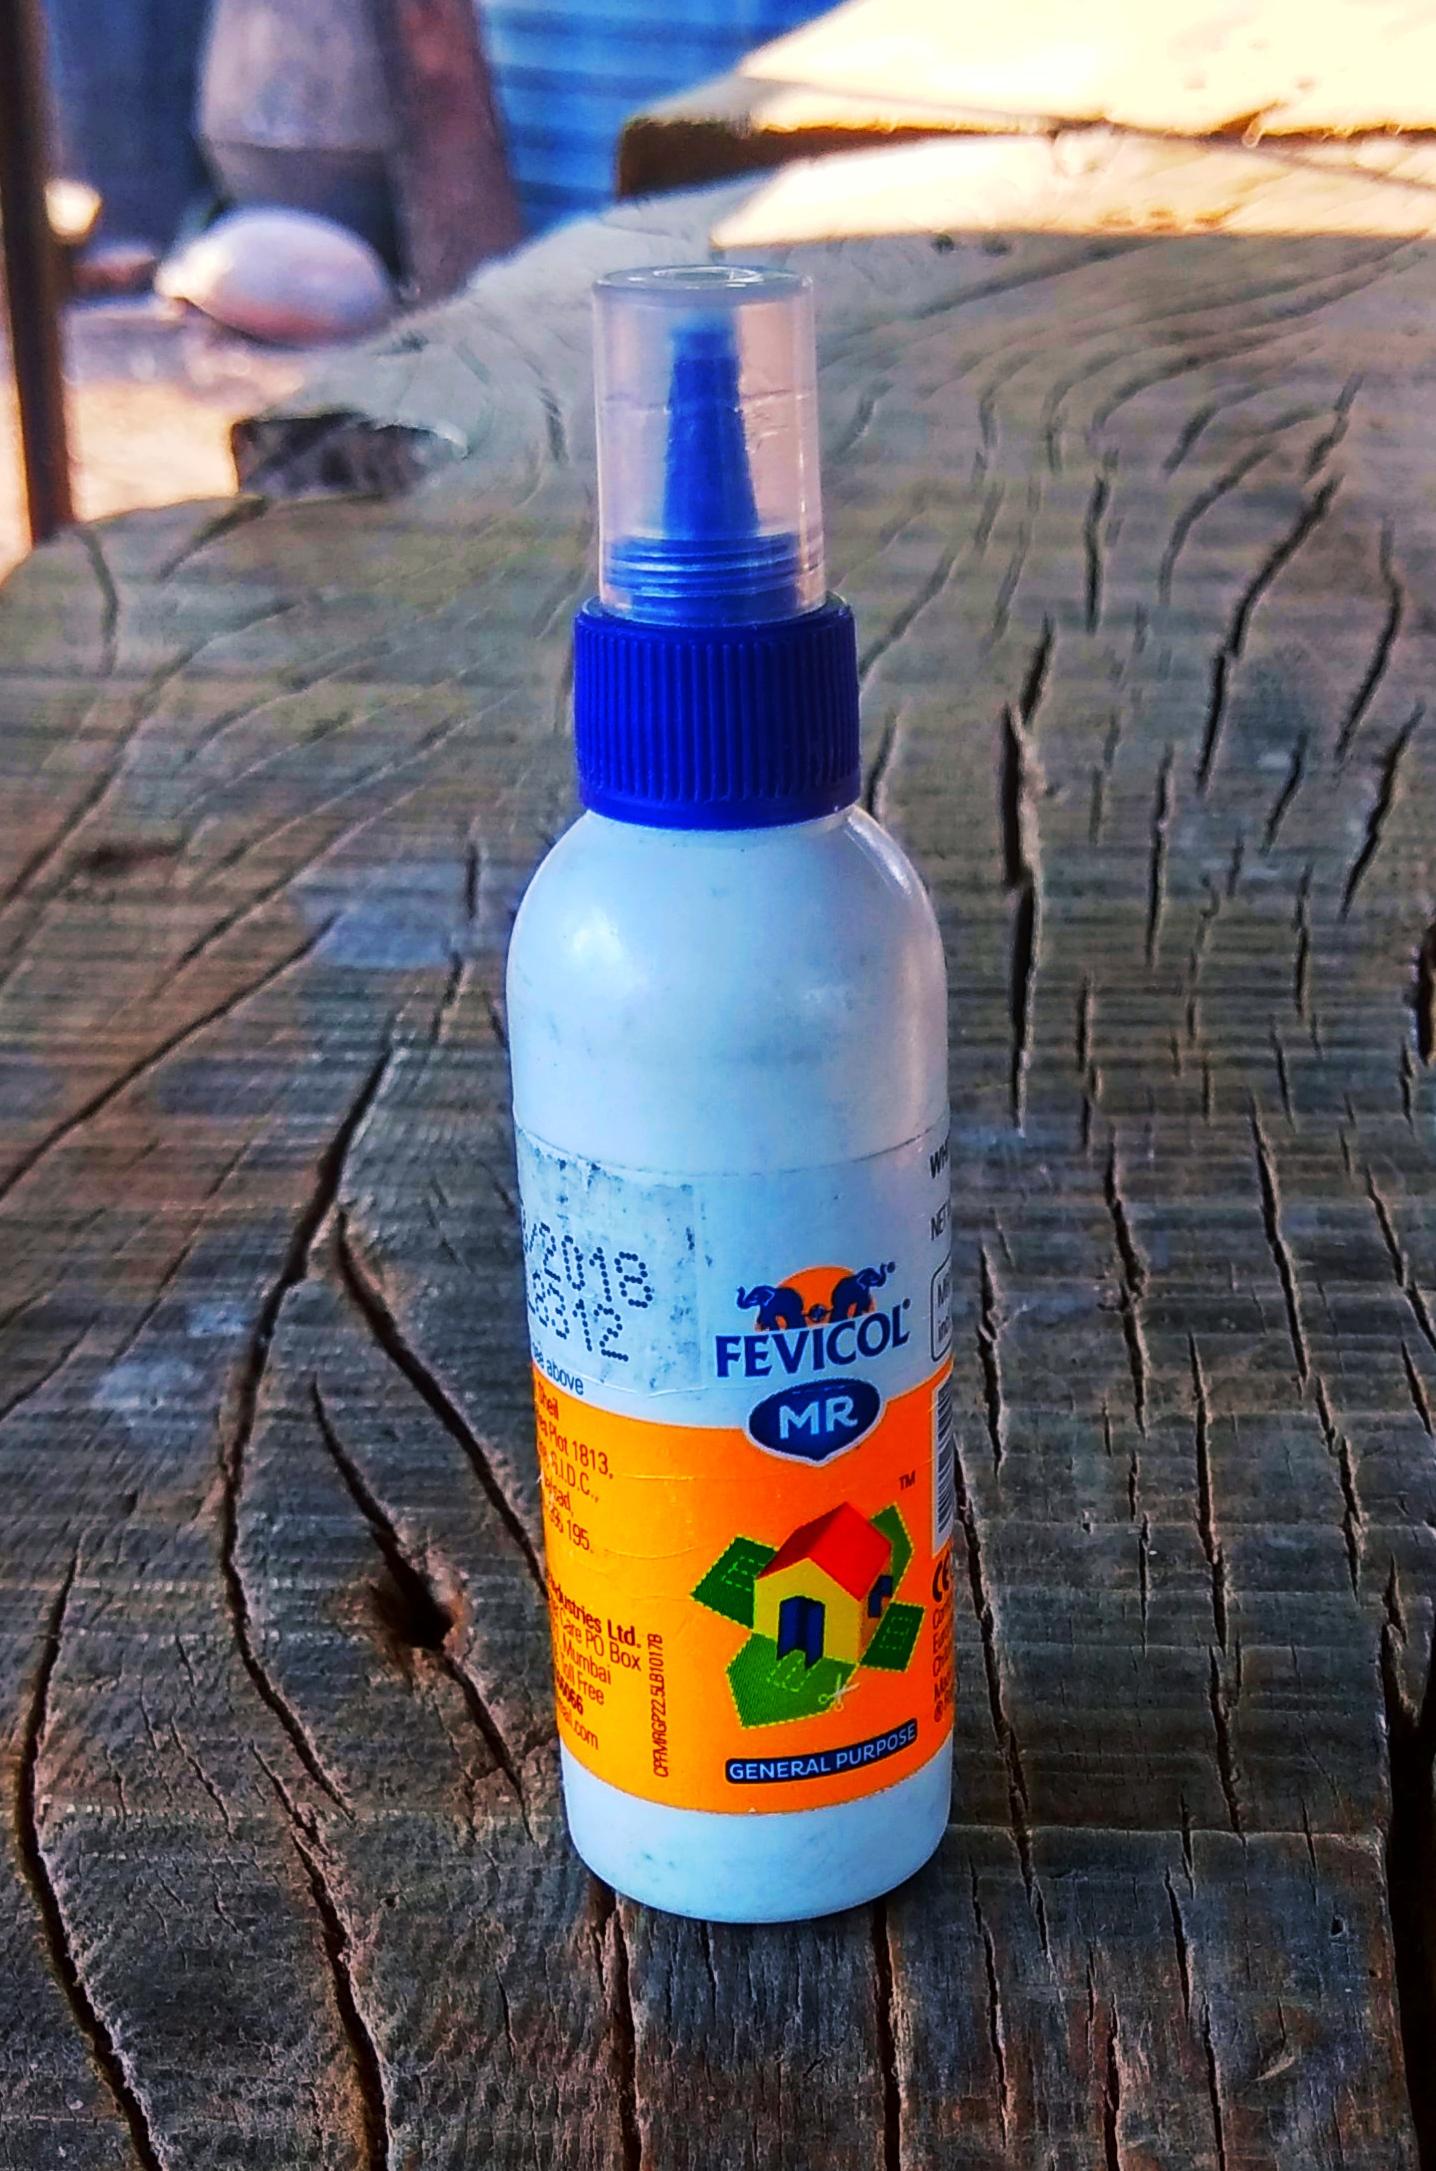 fevicol glue